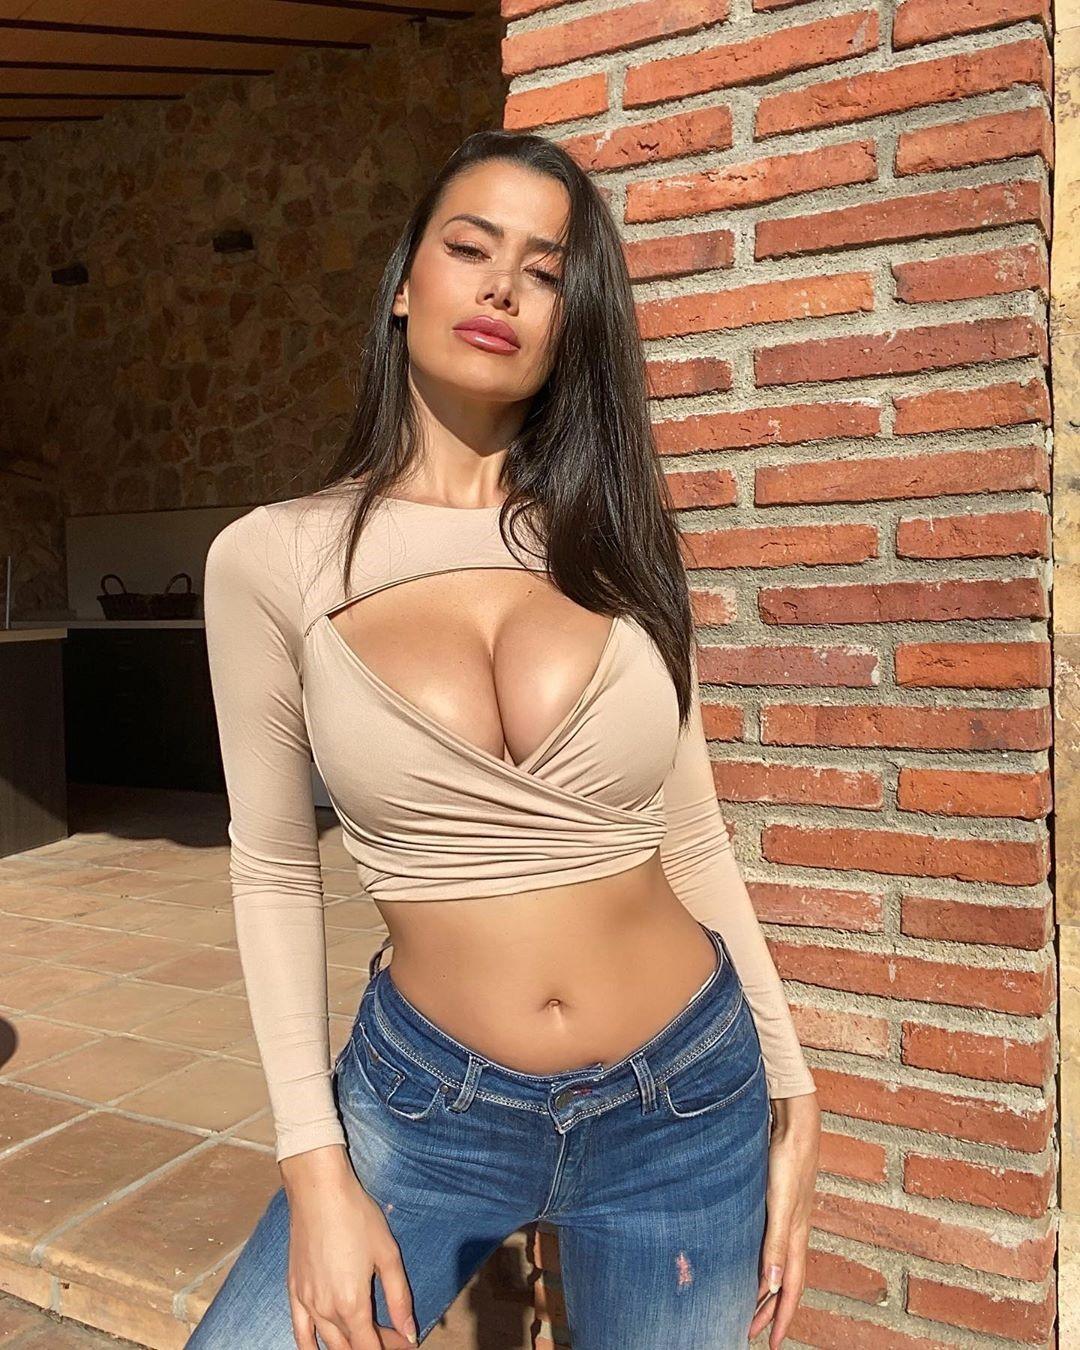 Eva Padlock 27